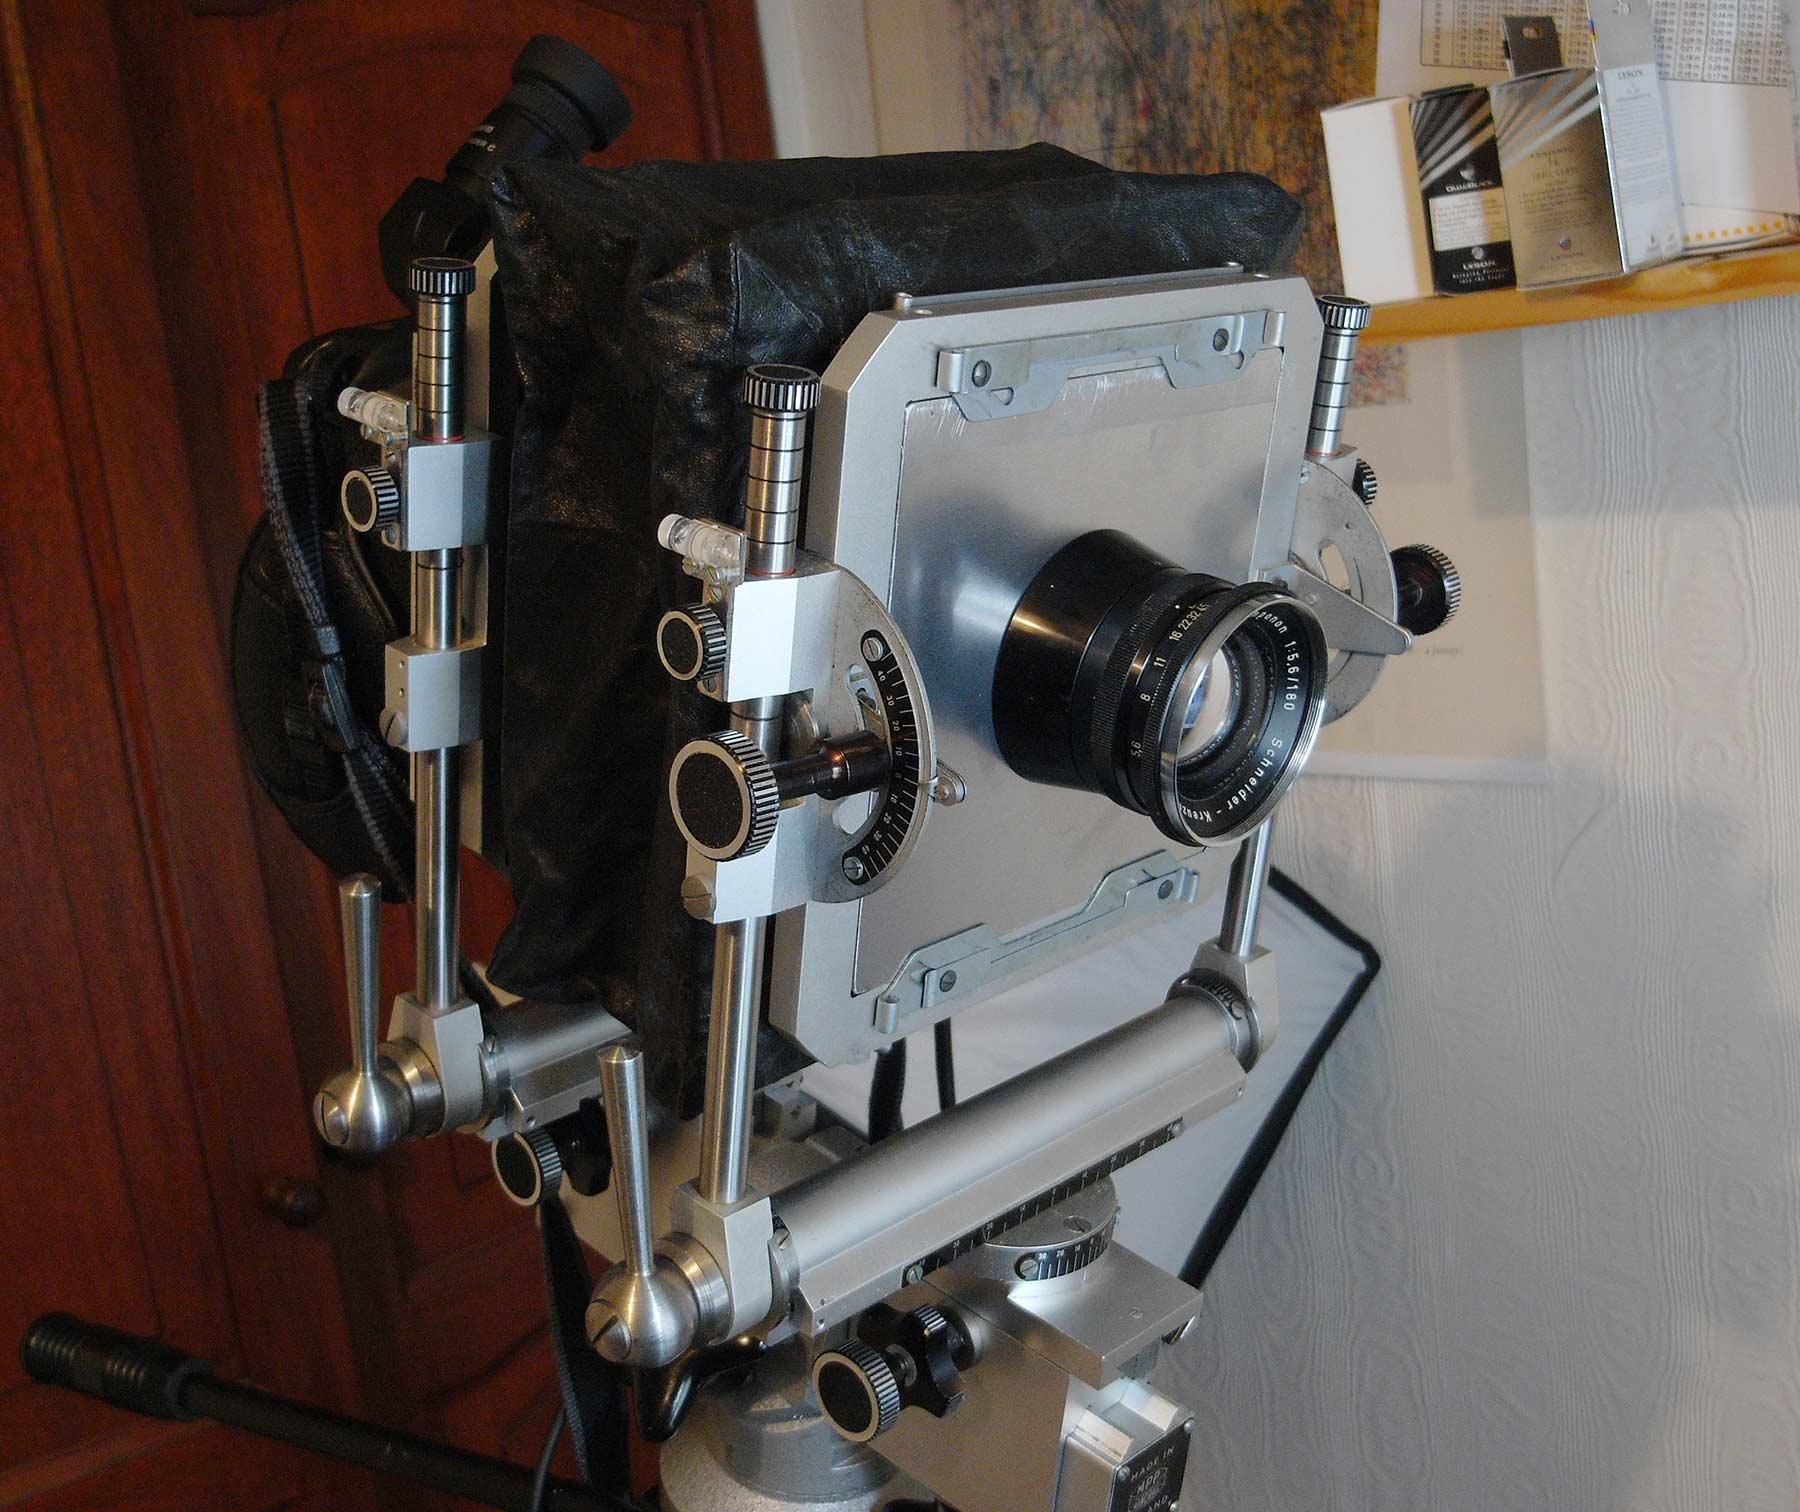 Schneider 180/5.6 Componon enlarger lens